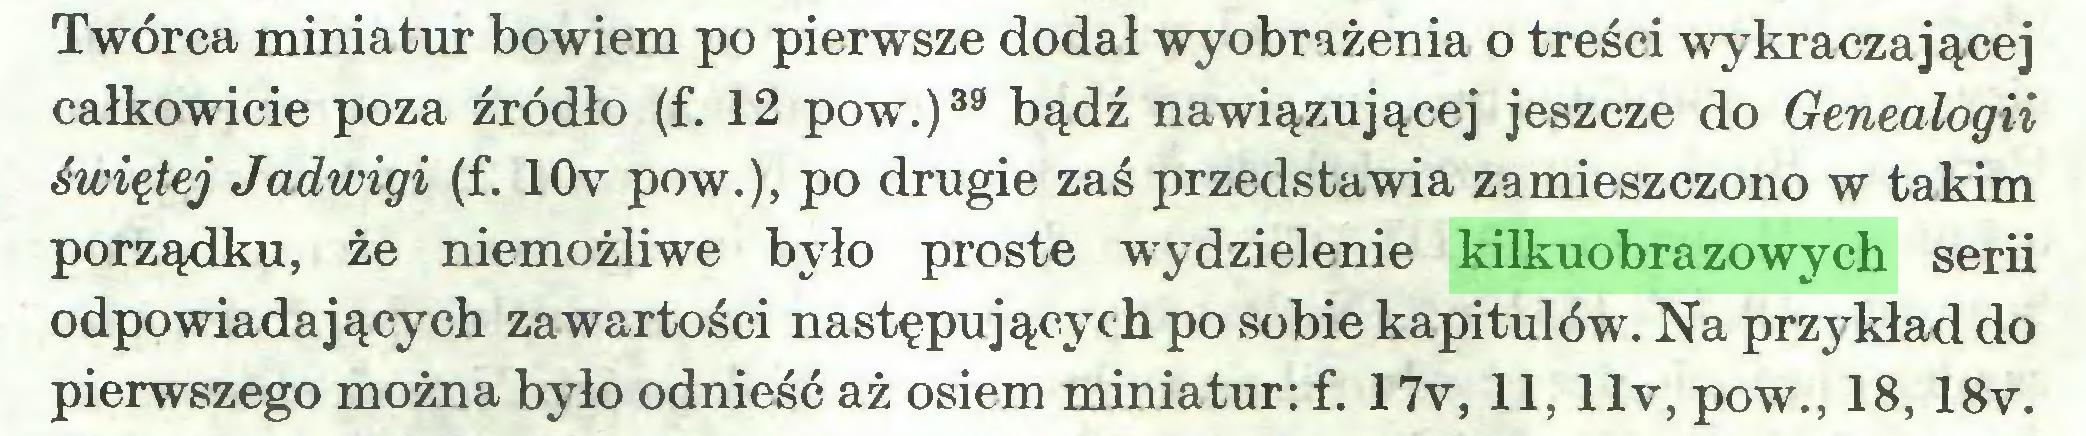 (...) Twórca miniatur bowiem po pierwsze dodał wyobrażenia o treści wykraczającej całkowicie poza źródło (f. 12 pow.)39 bądź nawiązującej jeszcze do Genealogii świętej Jadwigi (f. 10v pow.), po drugie zaś przedstawia zamieszczono w takim porządku, że niemożliwe było proste wydzielenie kilkuobrazowych serii odpowiadających zawartości następujących po sobie kapitulów. Na przykład do pierwszego można było odnieść aż osiem miniatur: f. 17v, 11, llv, pow., 18, 18v...